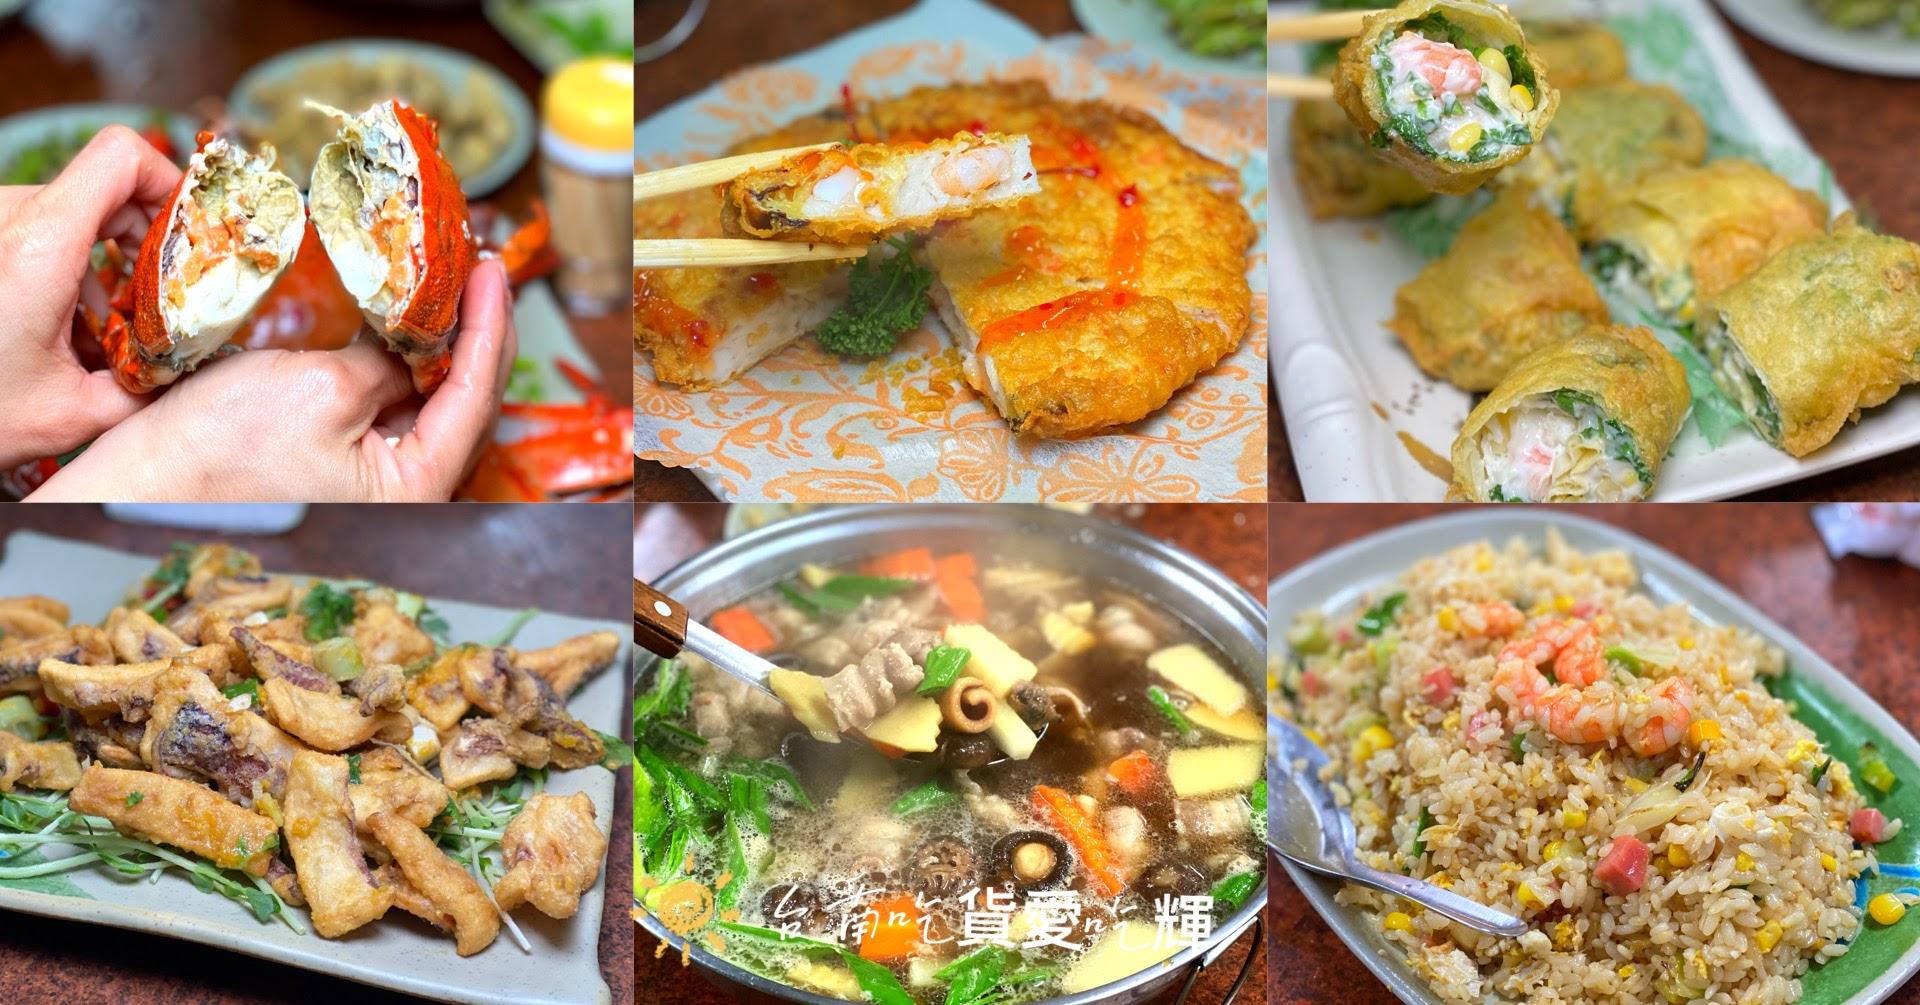 台南熱炒店,台南海鮮餐廳